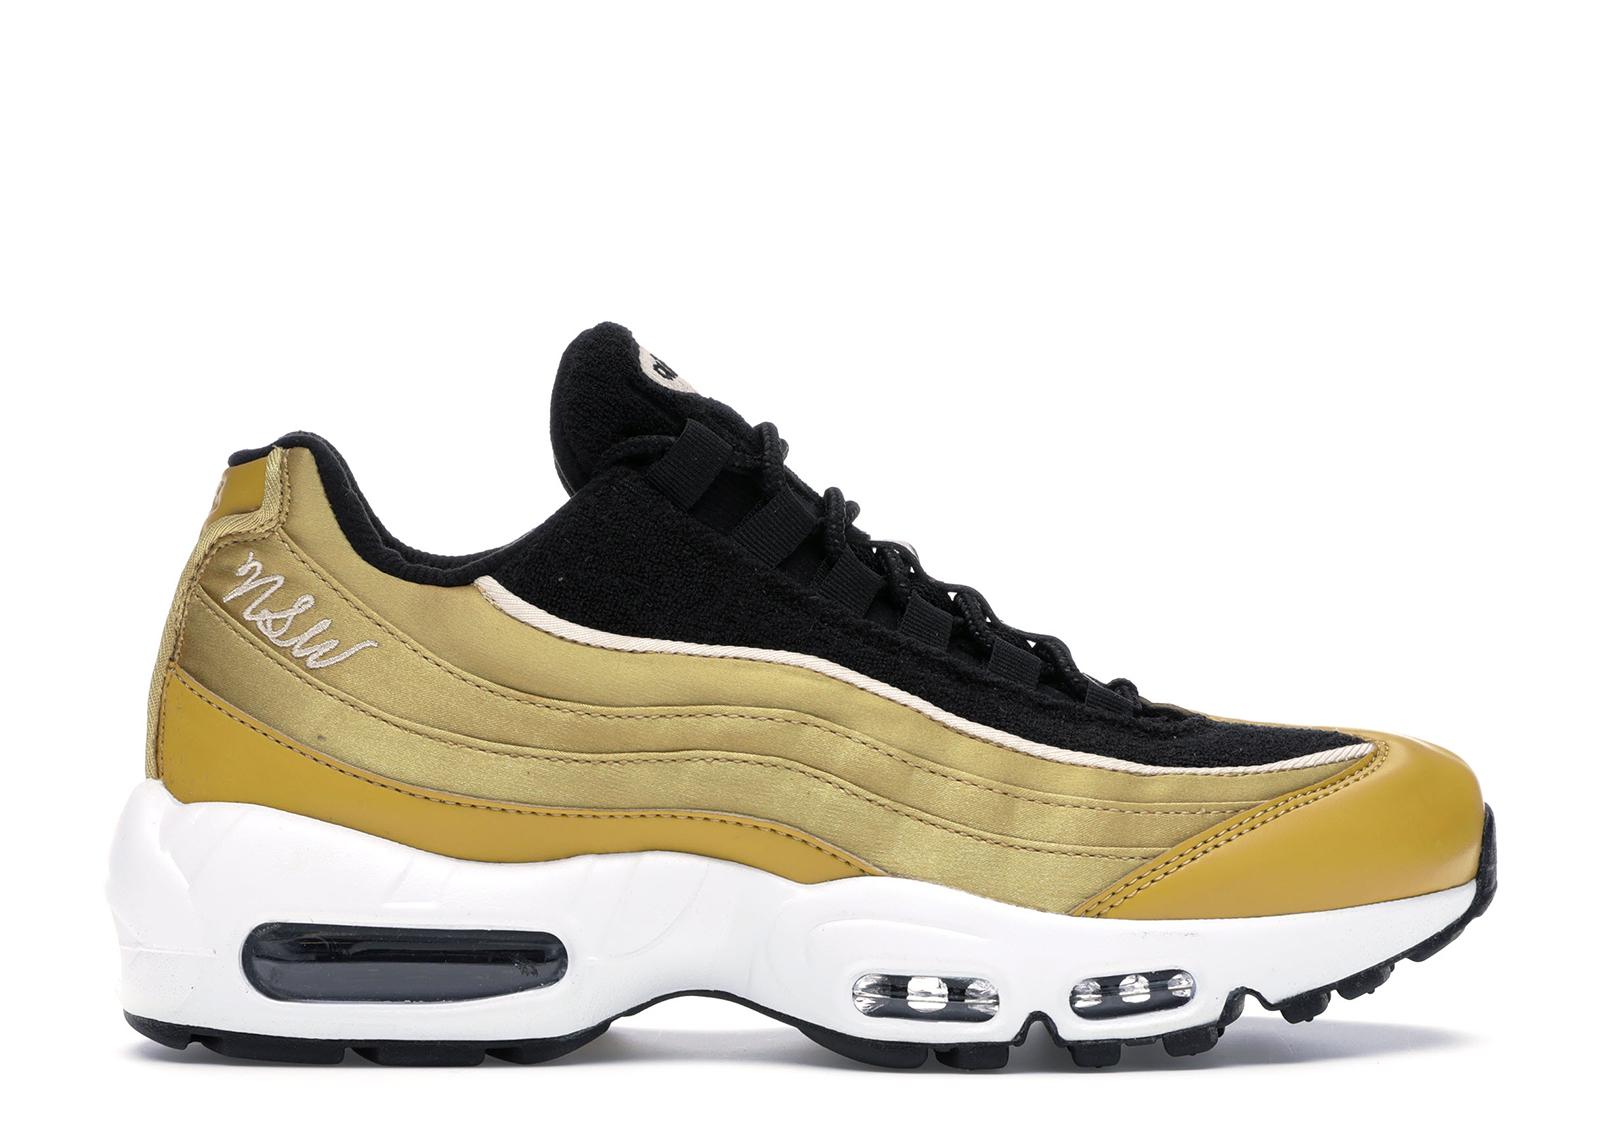 Nike Air Max 95 Wheat Gold Black (W